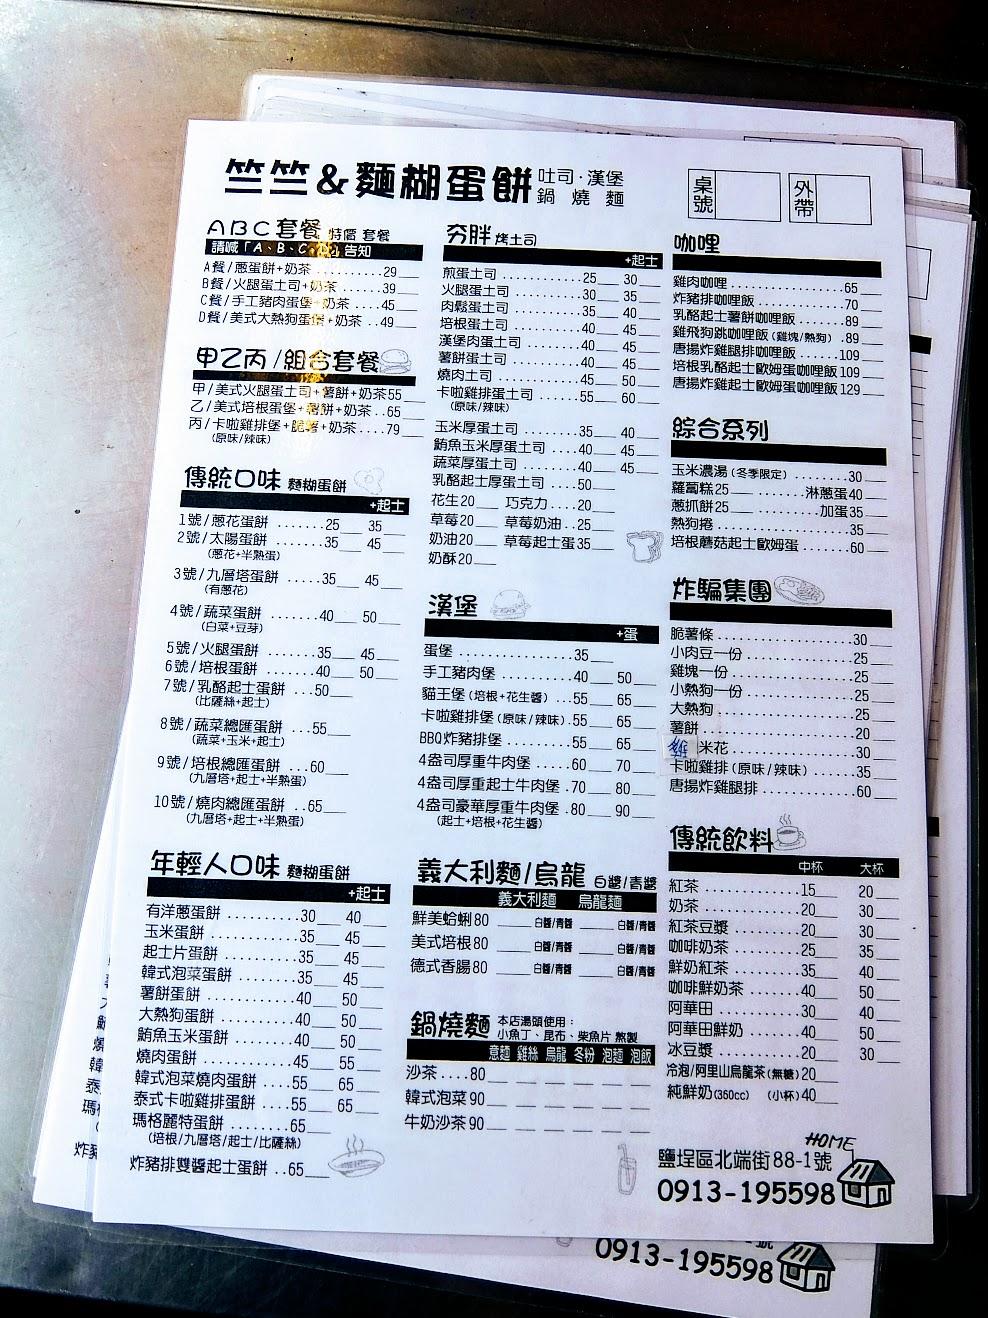 菜單,除了蛋餅外,也有漢堡/三明治喔! 至於中餐時間的咖哩飯/鍋燒等也有在賣XD